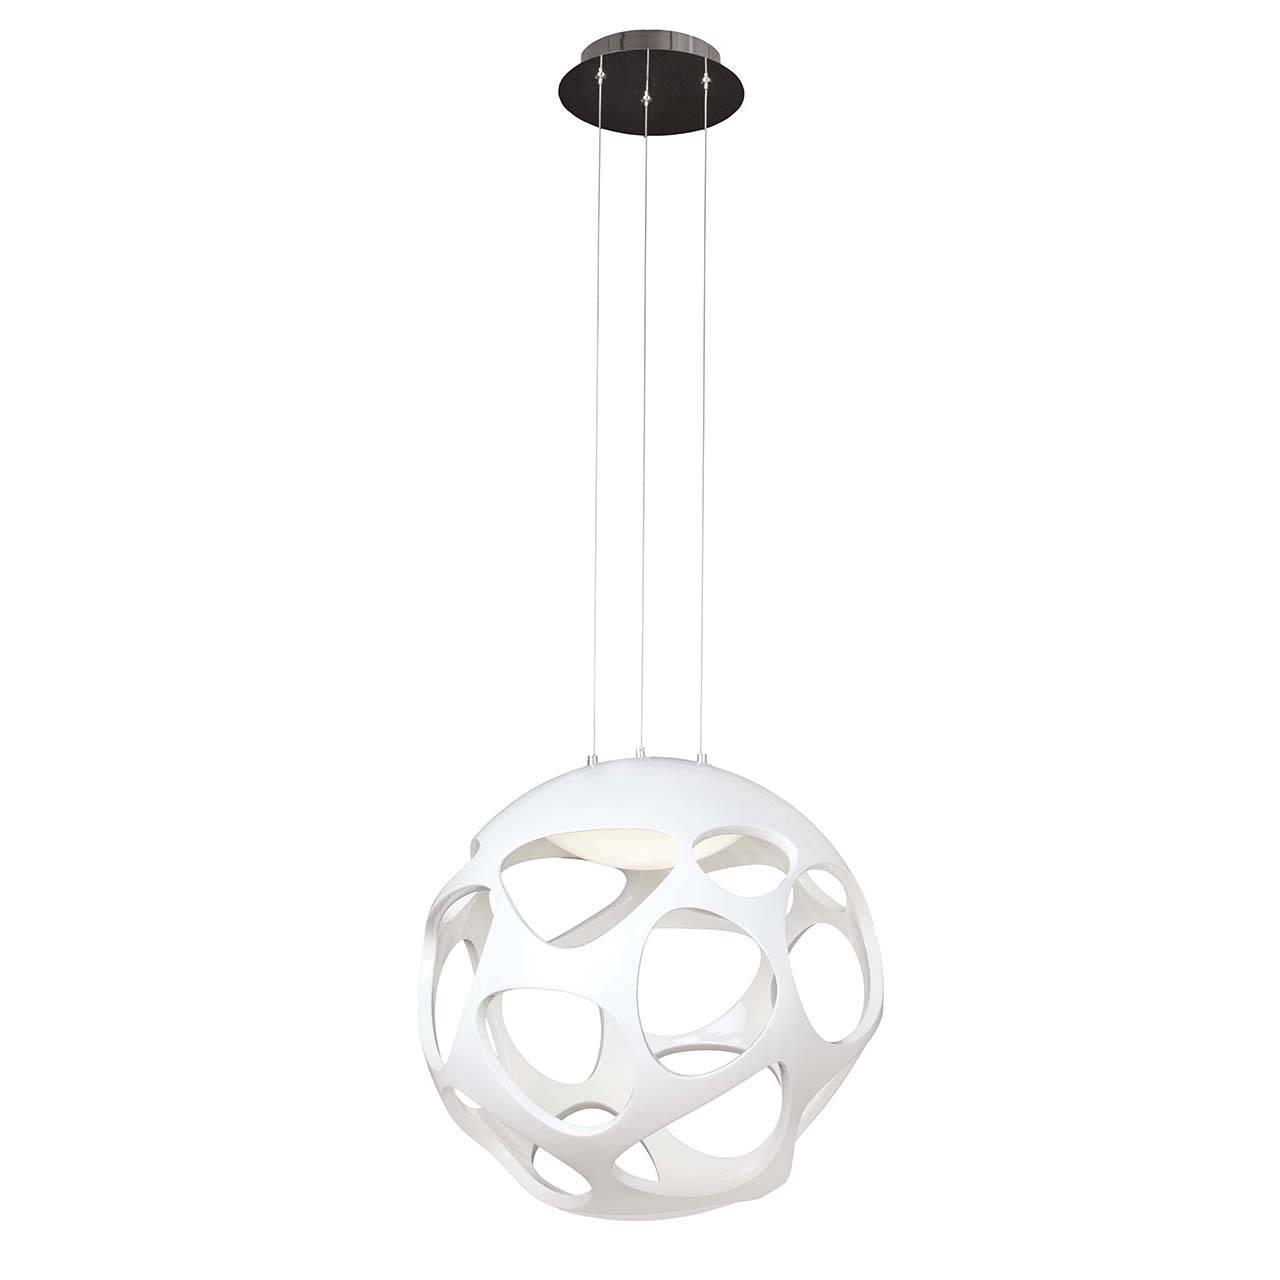 Подвесной светильник Mantra Organica 5140 подвесной светильник mantra organica 5145